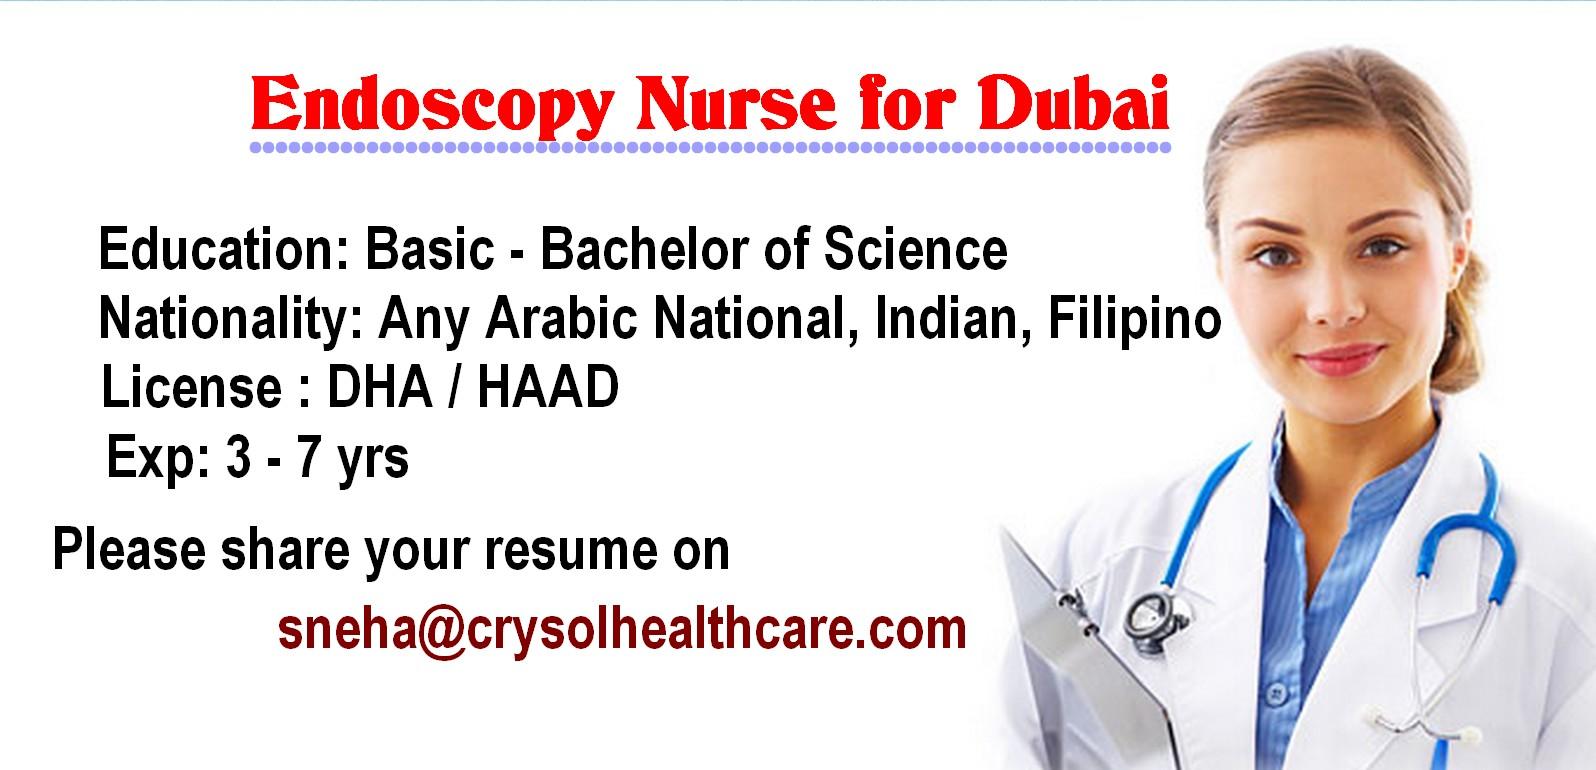 nurses job vacancy  endoscopy nurse for dubai